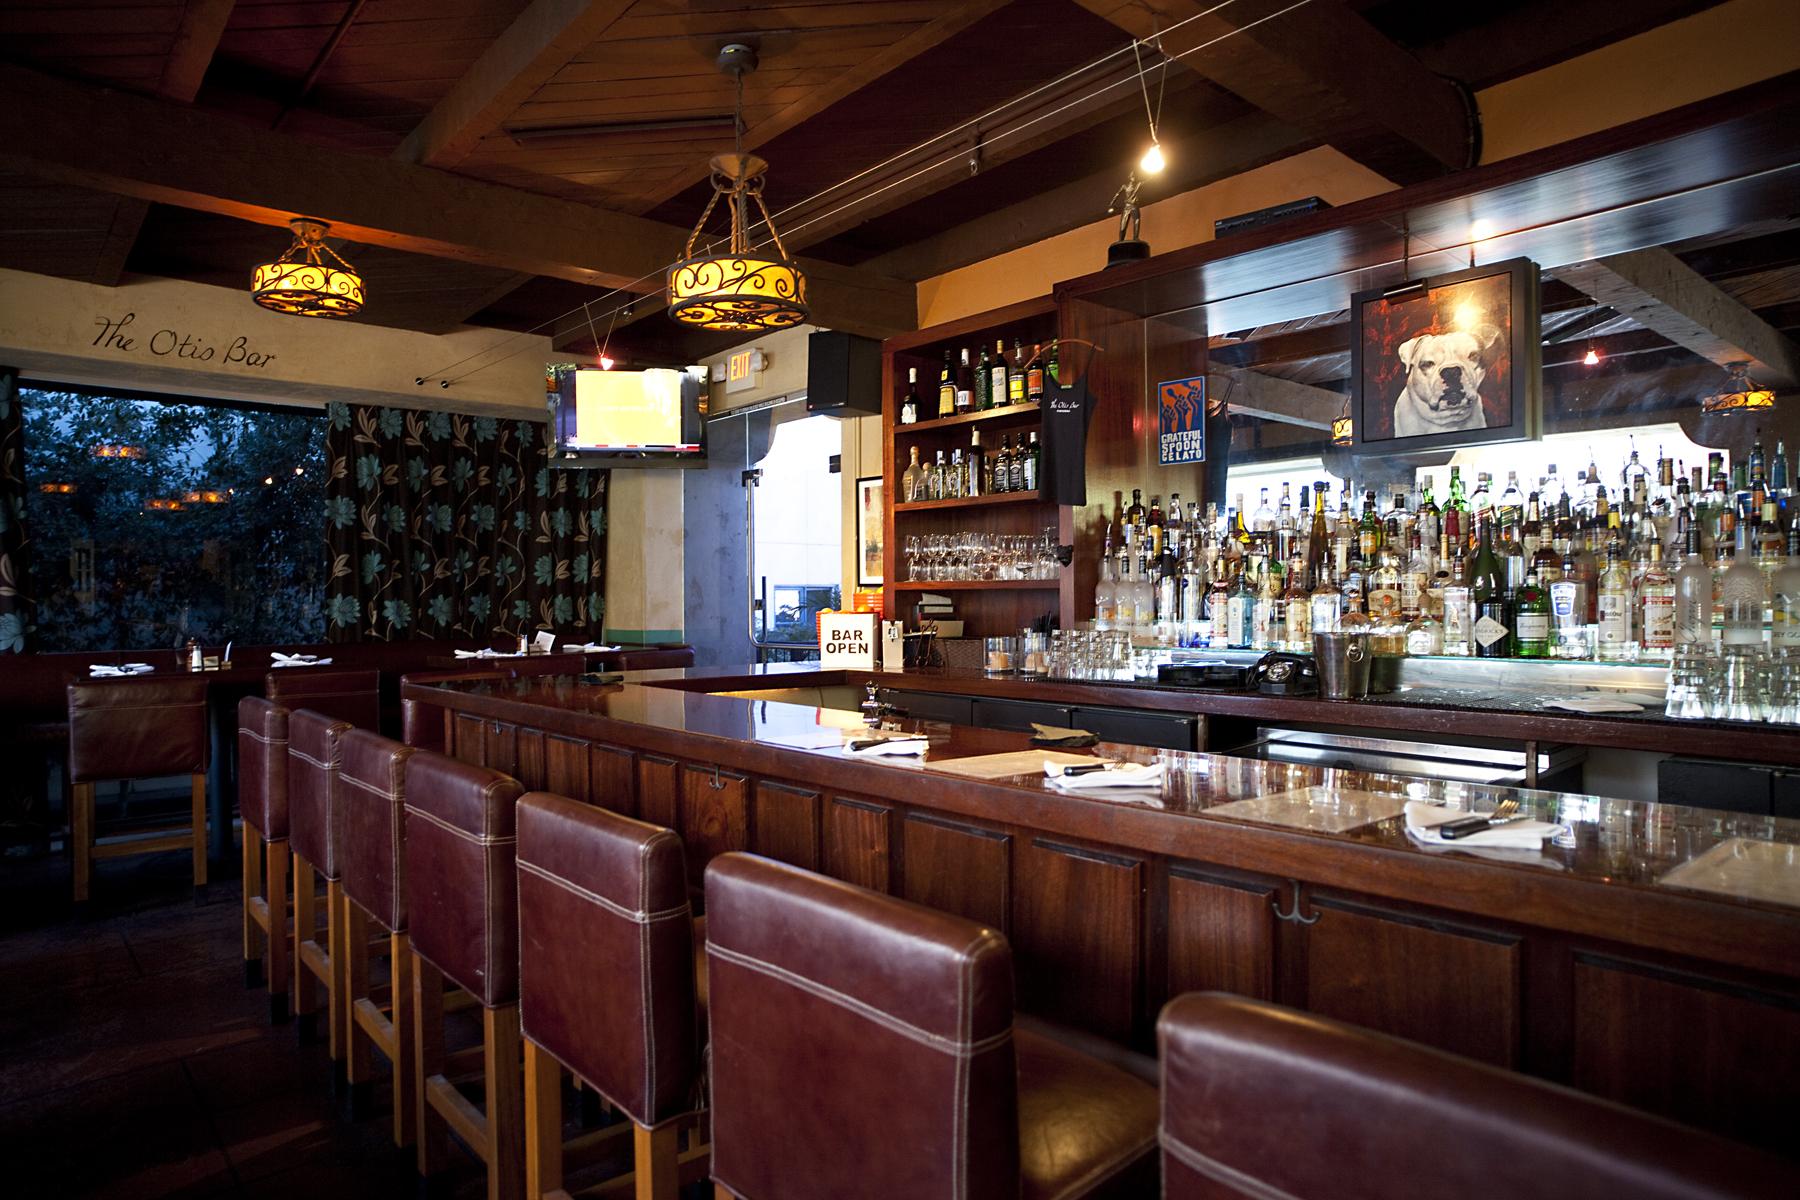 The bar and stools at The Otis Bar